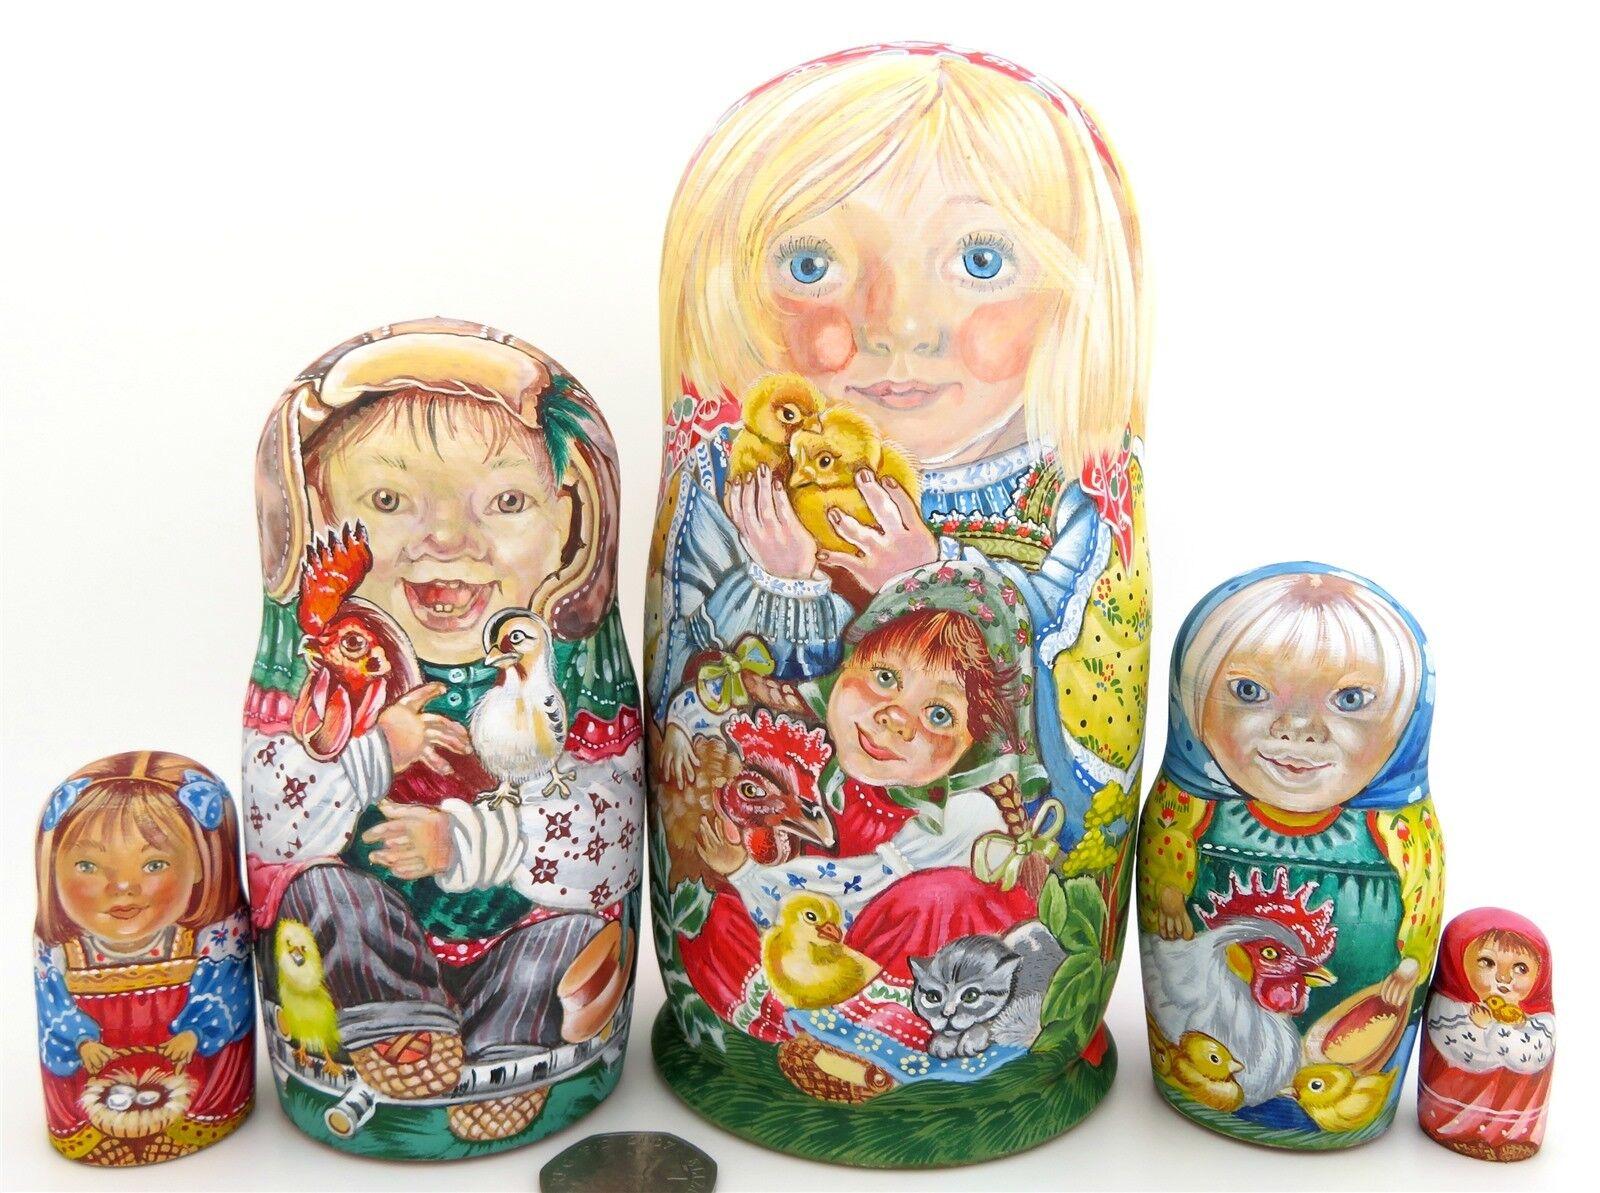 MATRIOSCA Bambini Pollo Gatto Rooster RUSSO MATT nidificazione bambole  5 obichova  supporto al dettaglio all'ingrosso